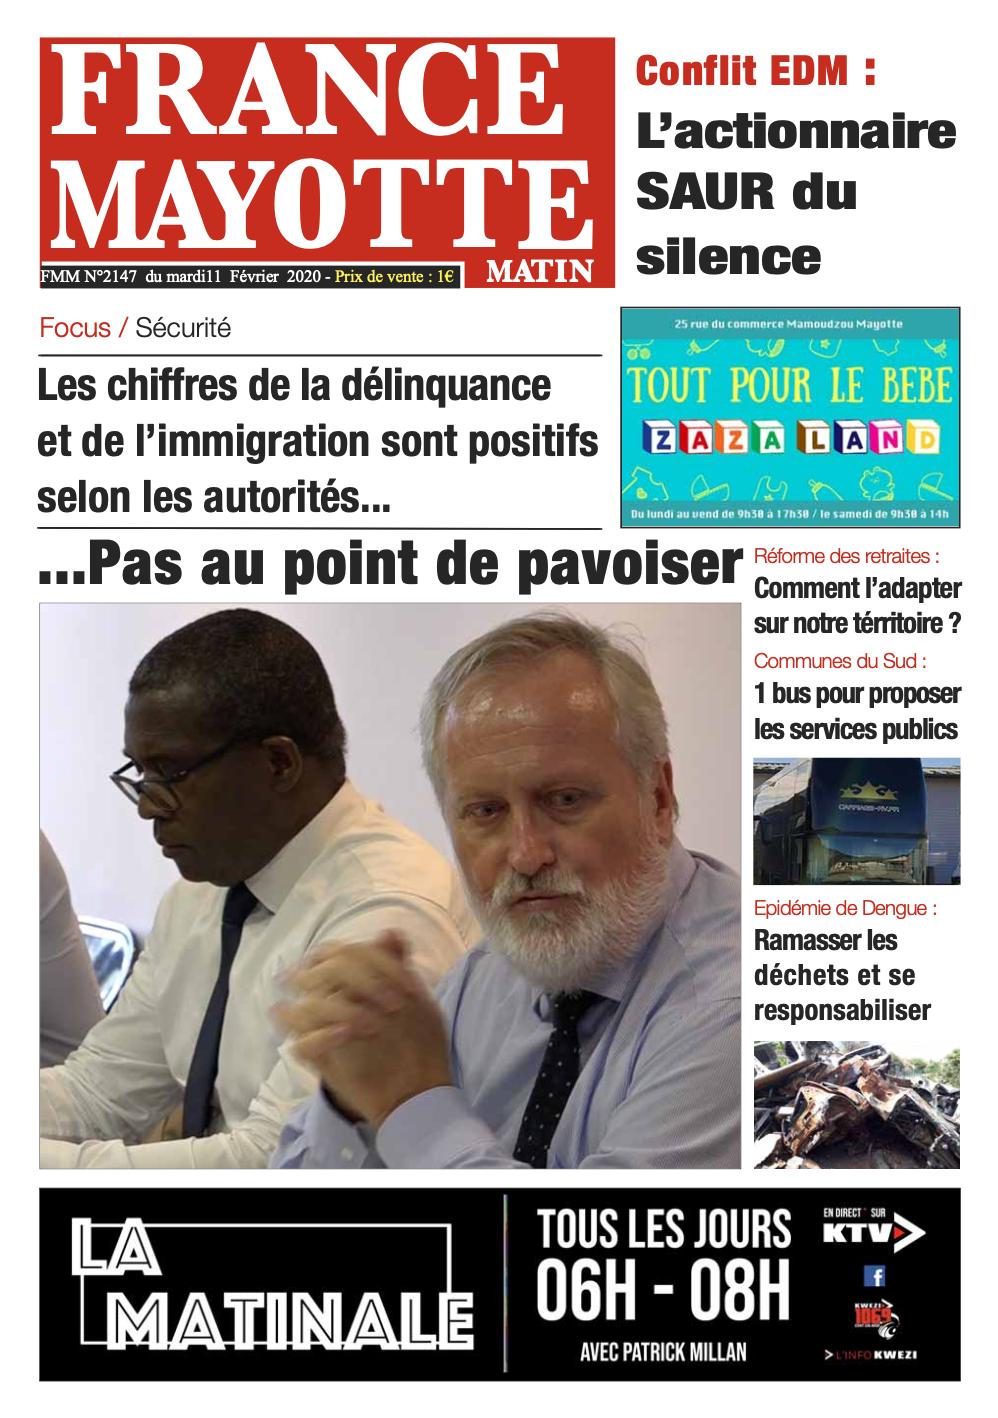 France Mayotte Mardi 11 février 2020